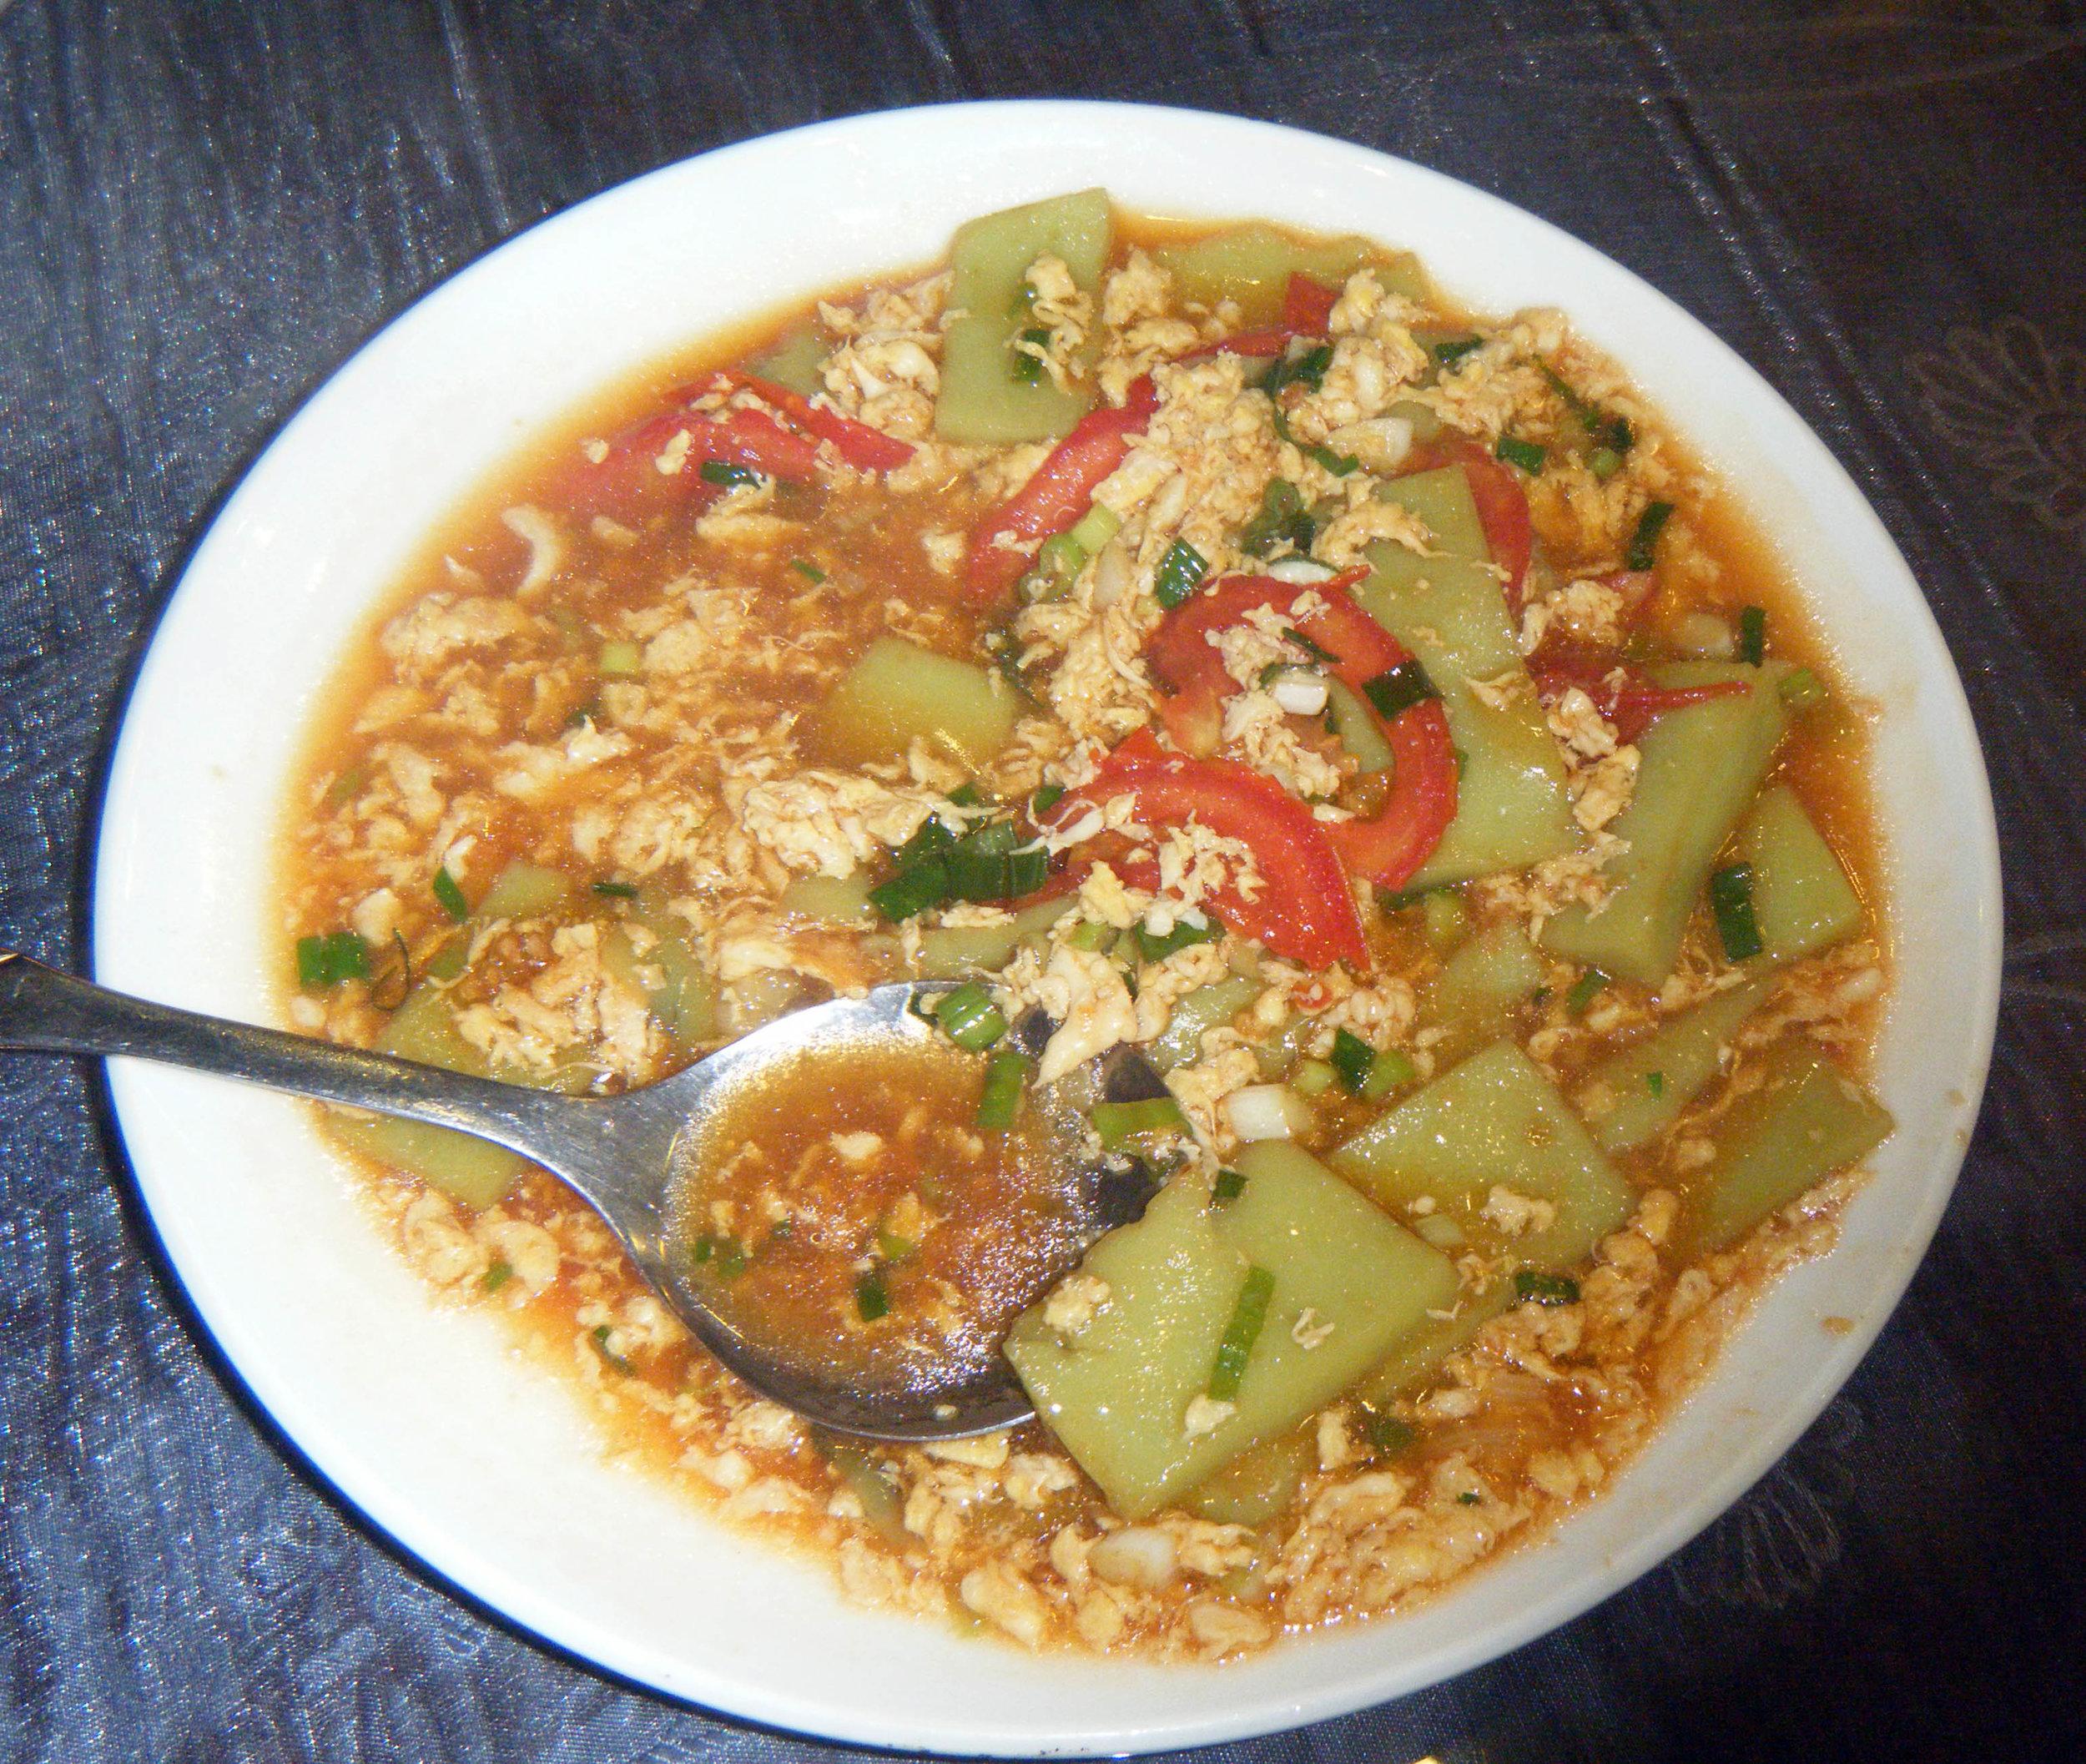 Yunan tofu:egg dish.jpg